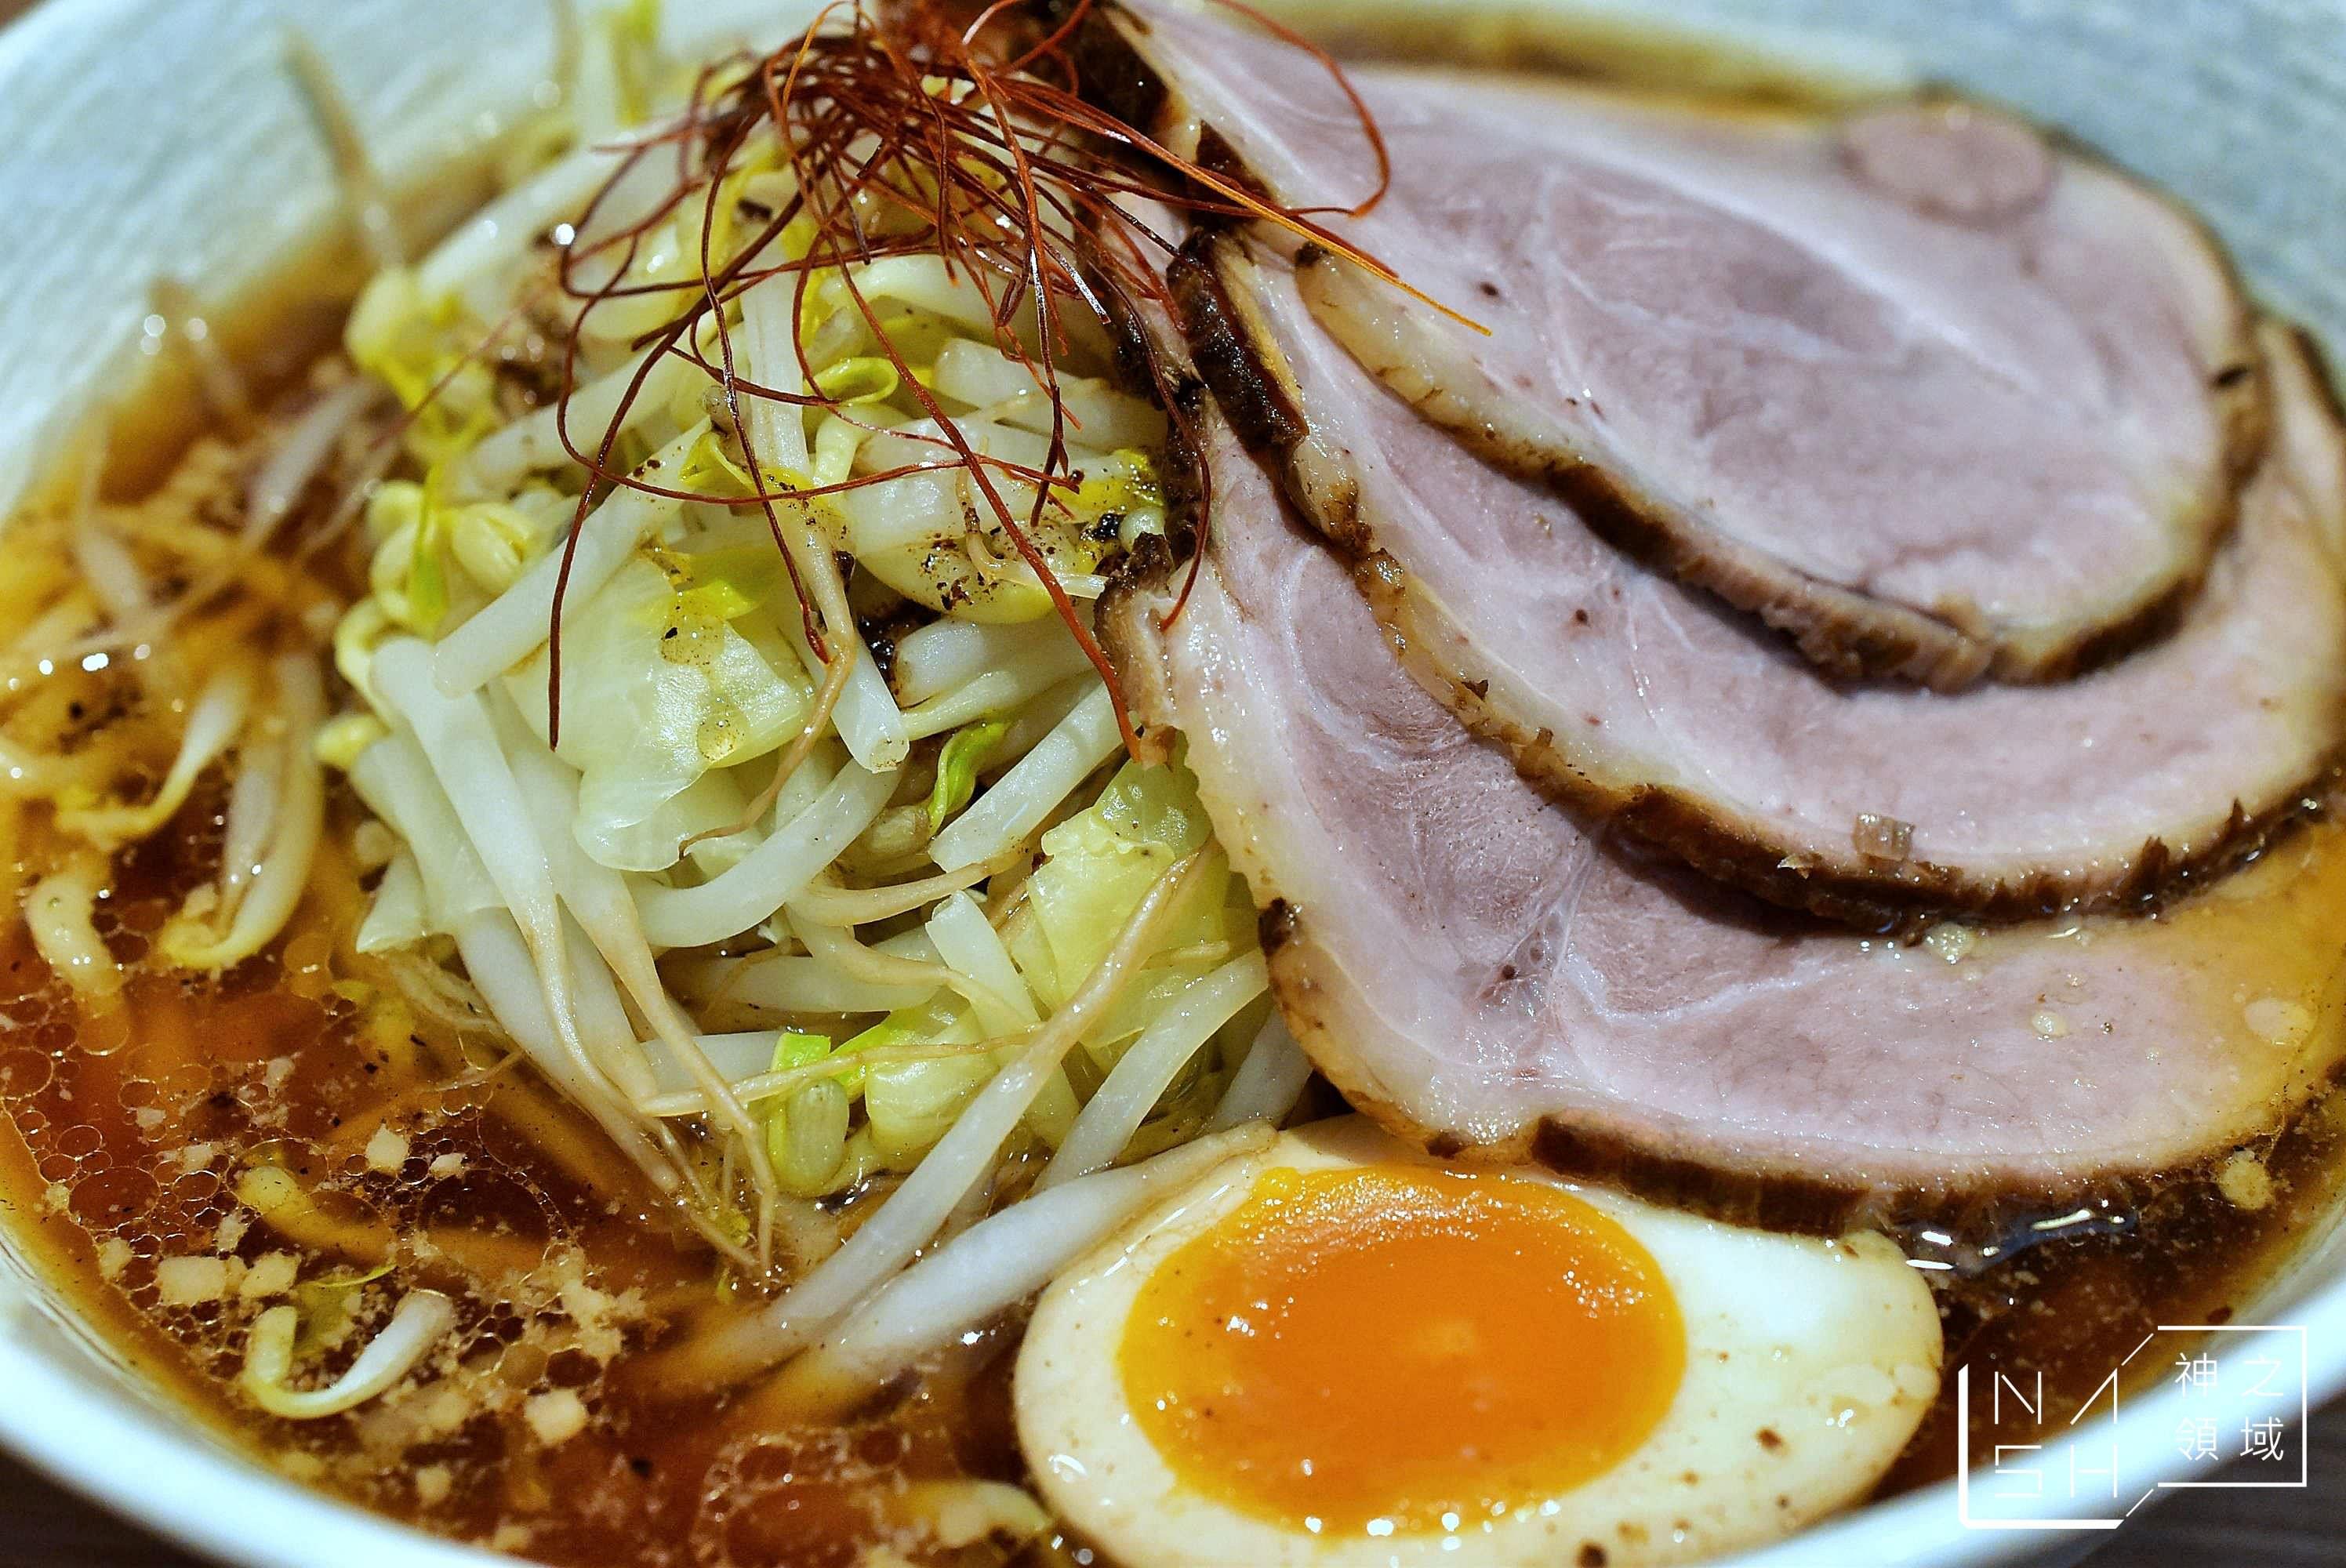 研田拉麵,高雄美術館美食推薦,高雄美術館美食 @Nash,神之領域